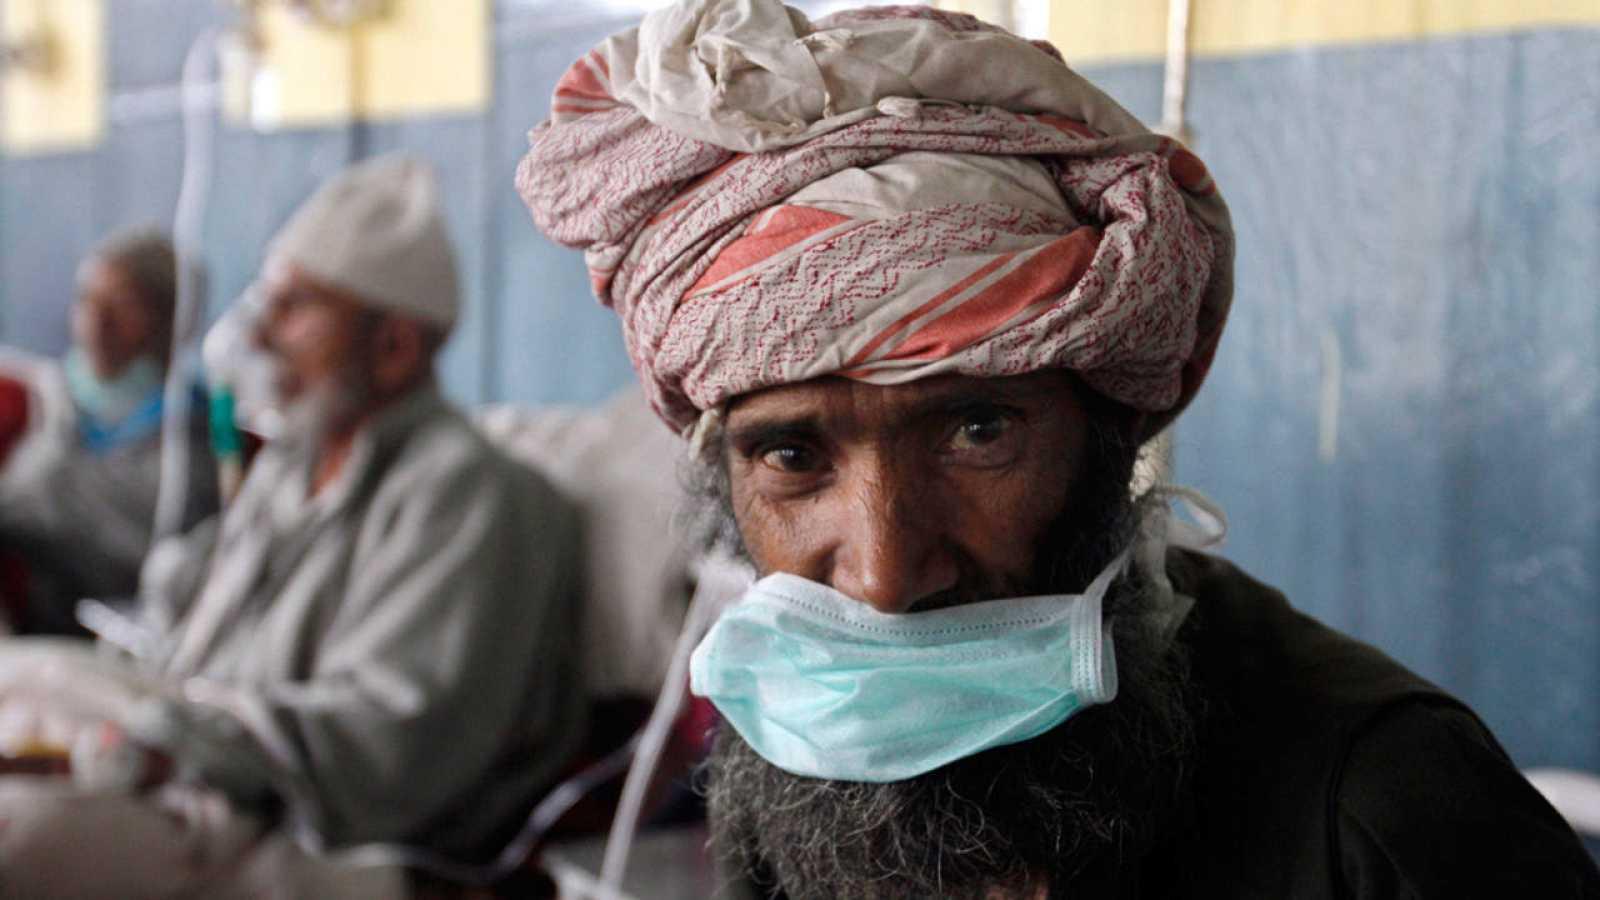 Un paciente enfermo de tuberculosis recibe tratamiento médico en un hospital de Srinagar, India.